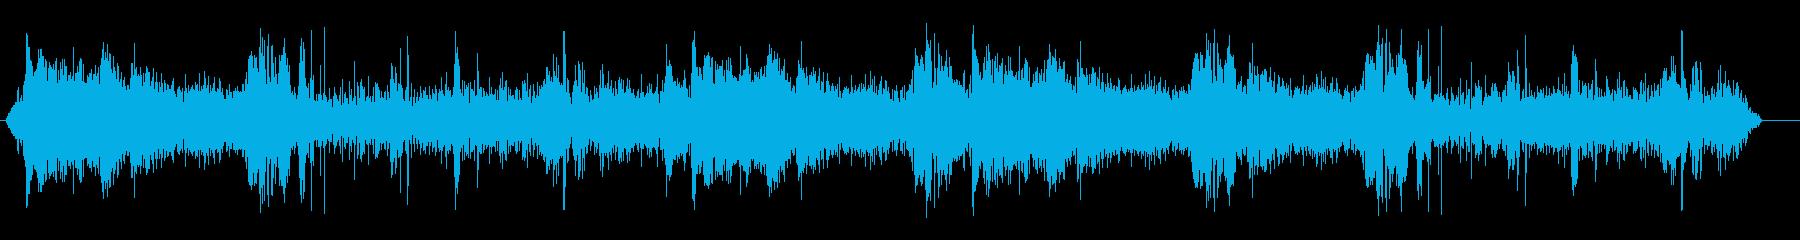 実験室低温学研究室の再生済みの波形